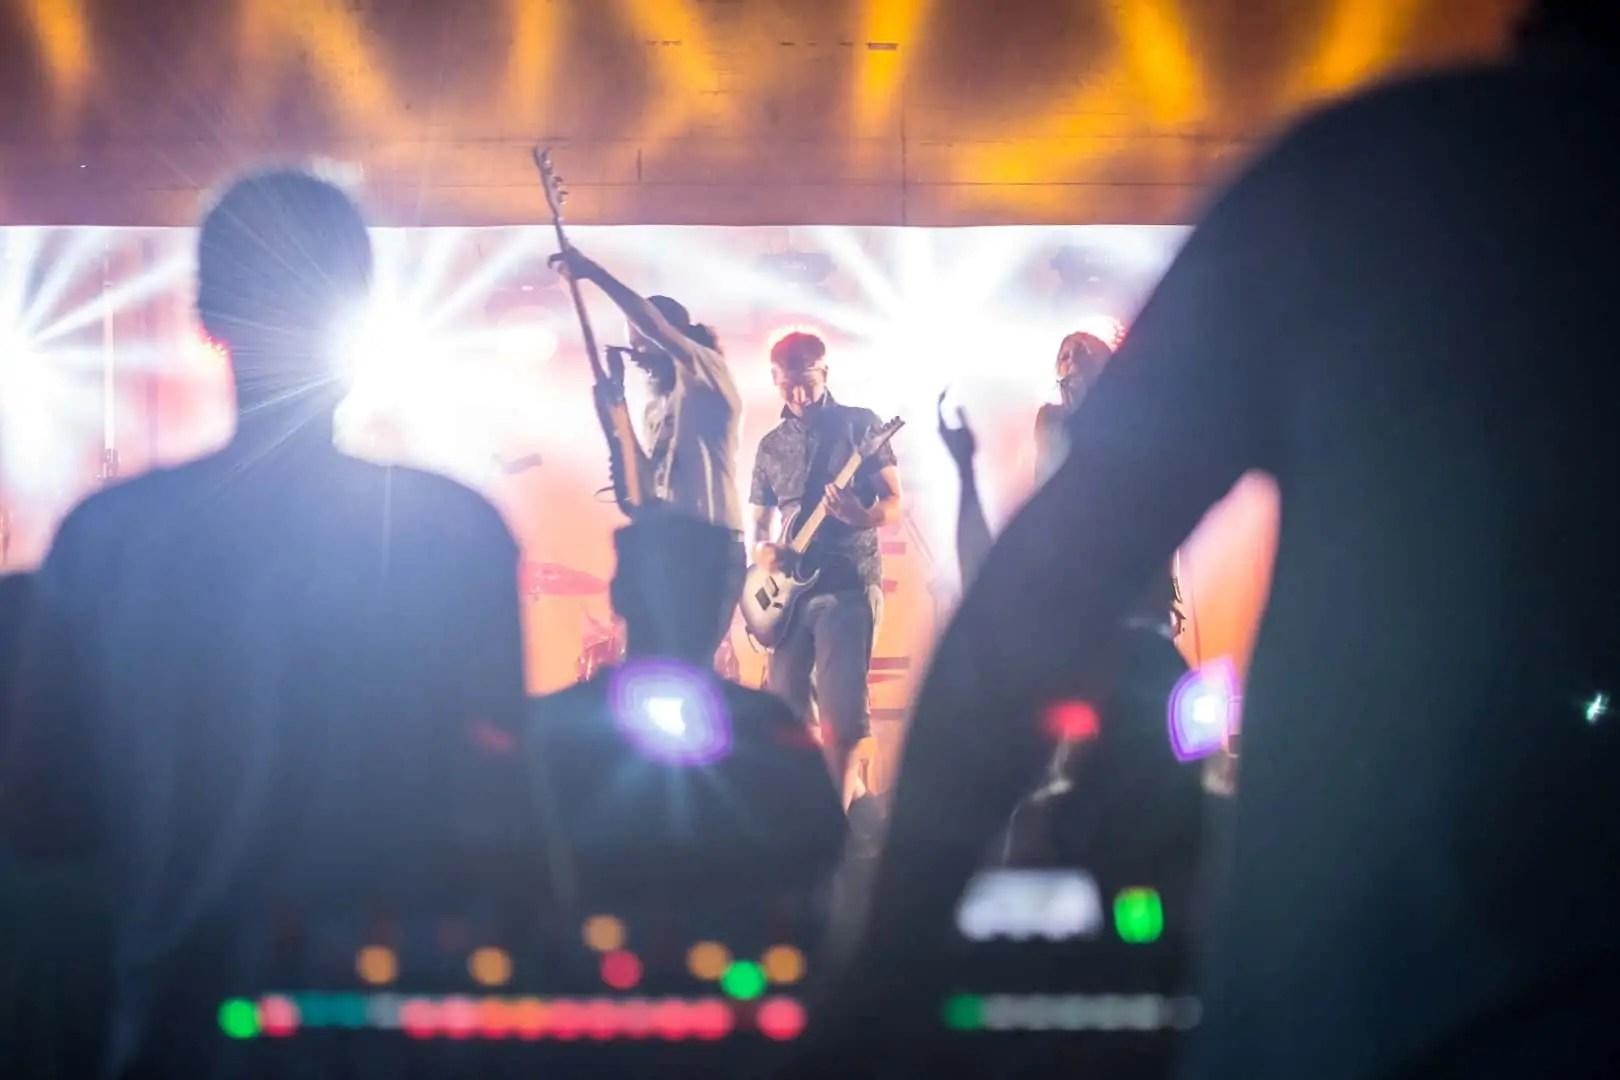 CRUSH koncert Jantar Sierpień 2018 49 of 50 - Reportaż wydarzeń, koncerty